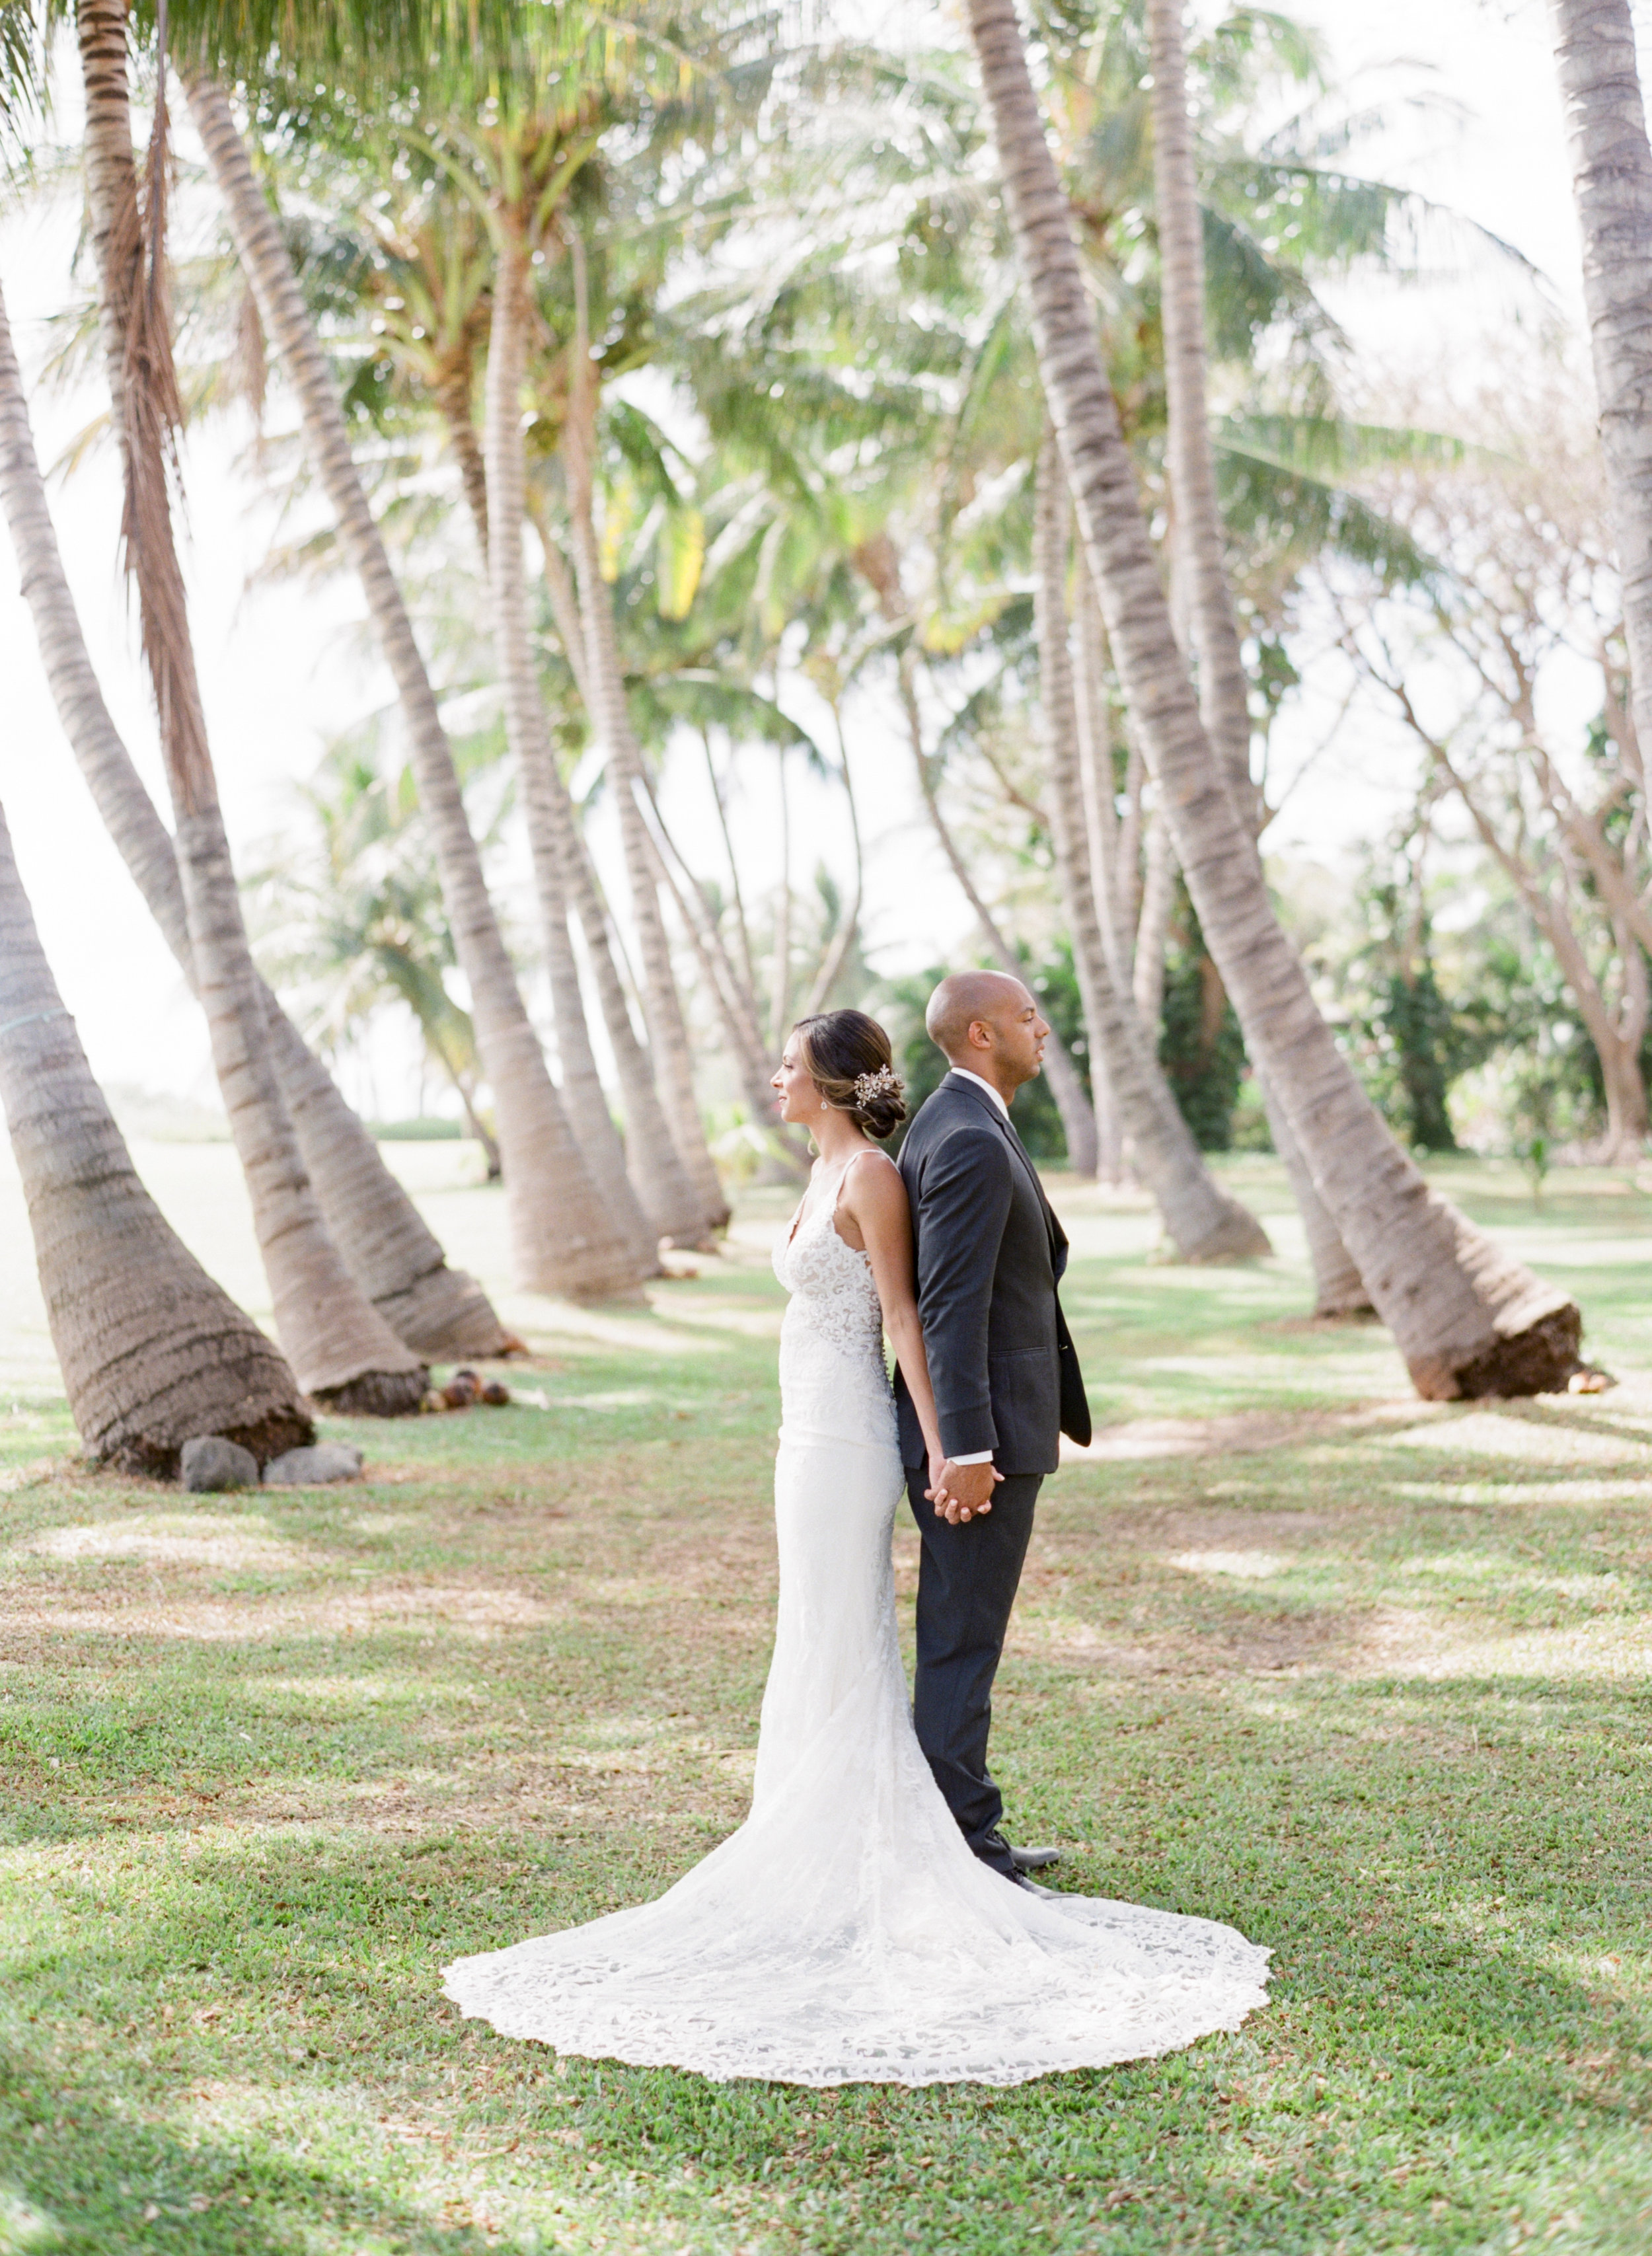 Olowalu-plantation-house-maui-hawaii-wedding-47.jpg